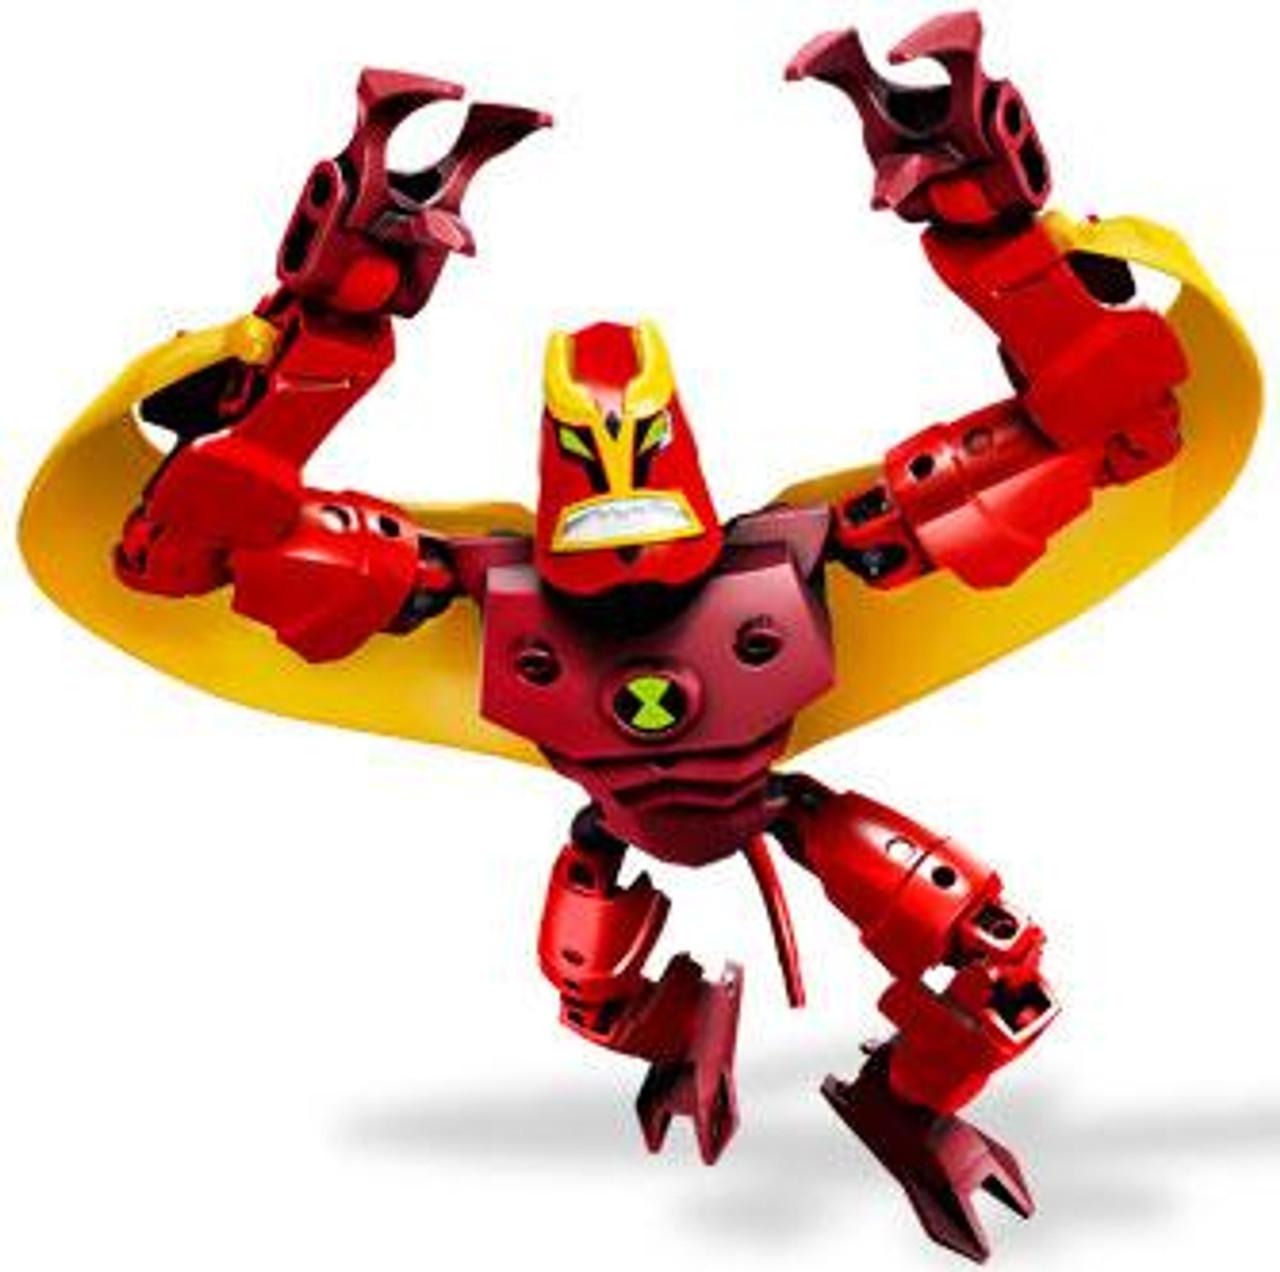 LEGO Ben 10 Alien Force Figures Jet Ray Set #8518